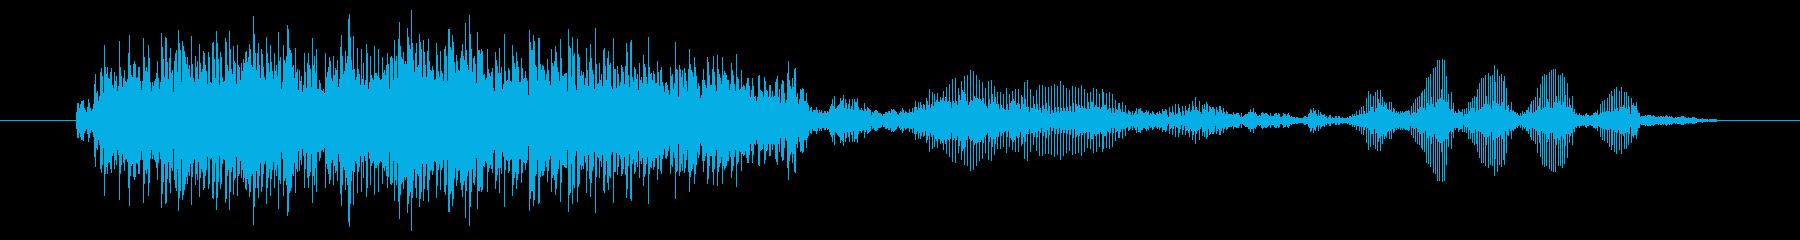 ヤギ Baaingヤギ06の再生済みの波形